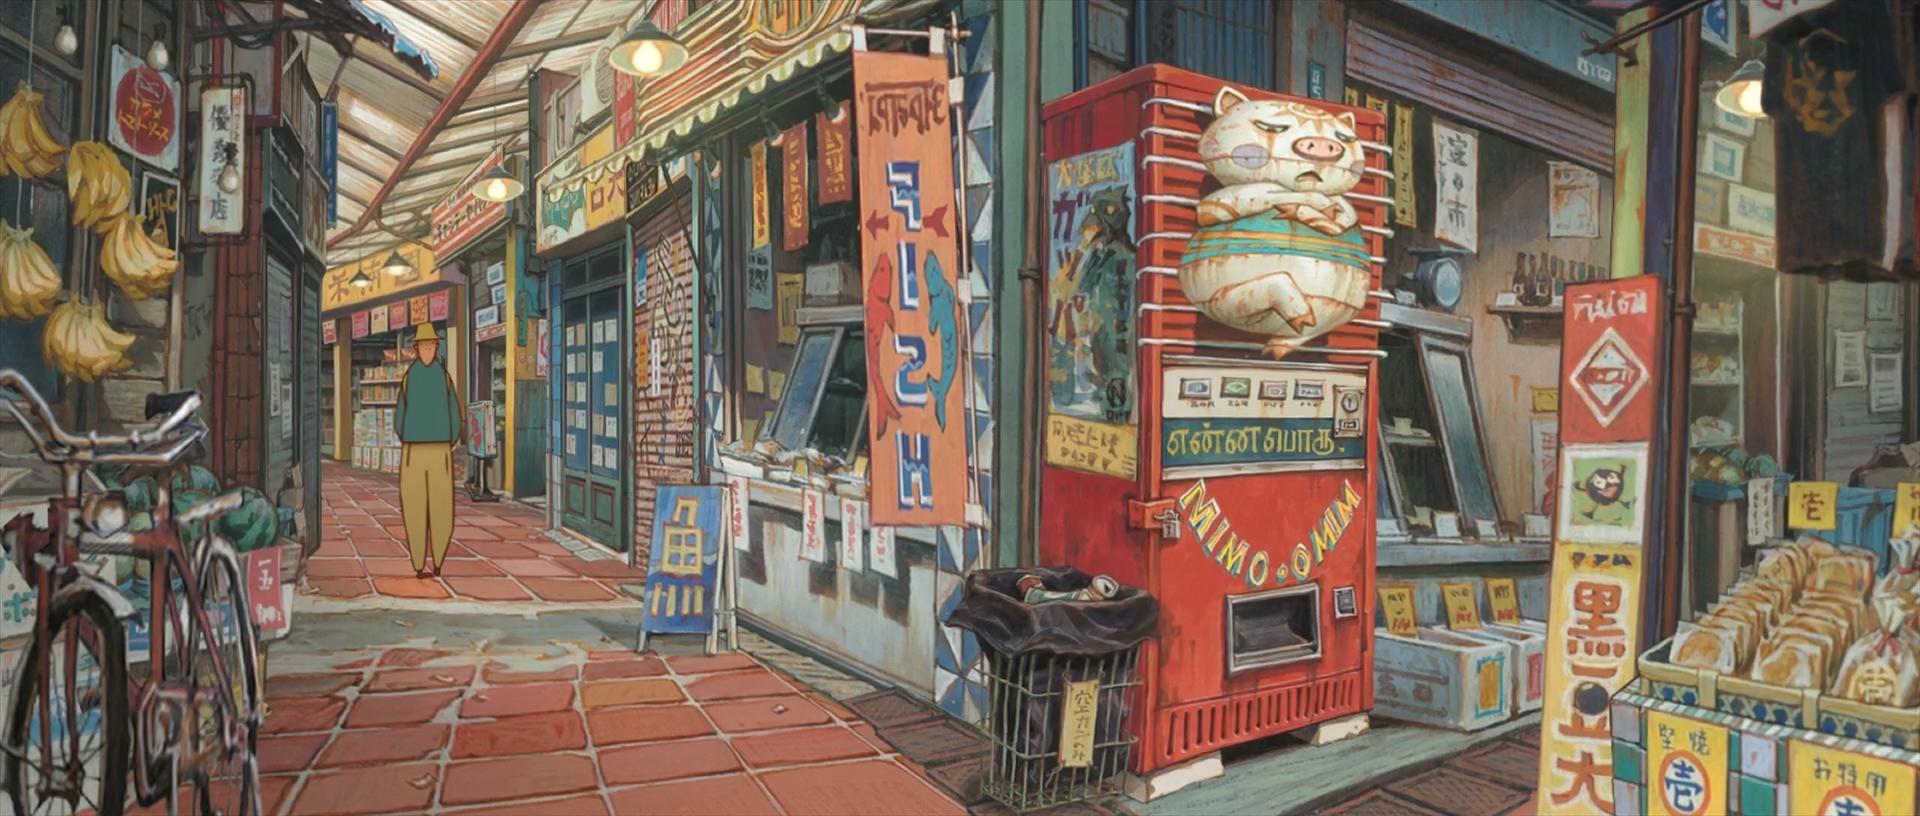 Tekkon Kinkreet Background Art Environment Concept Art Anime Background Anime Scenery